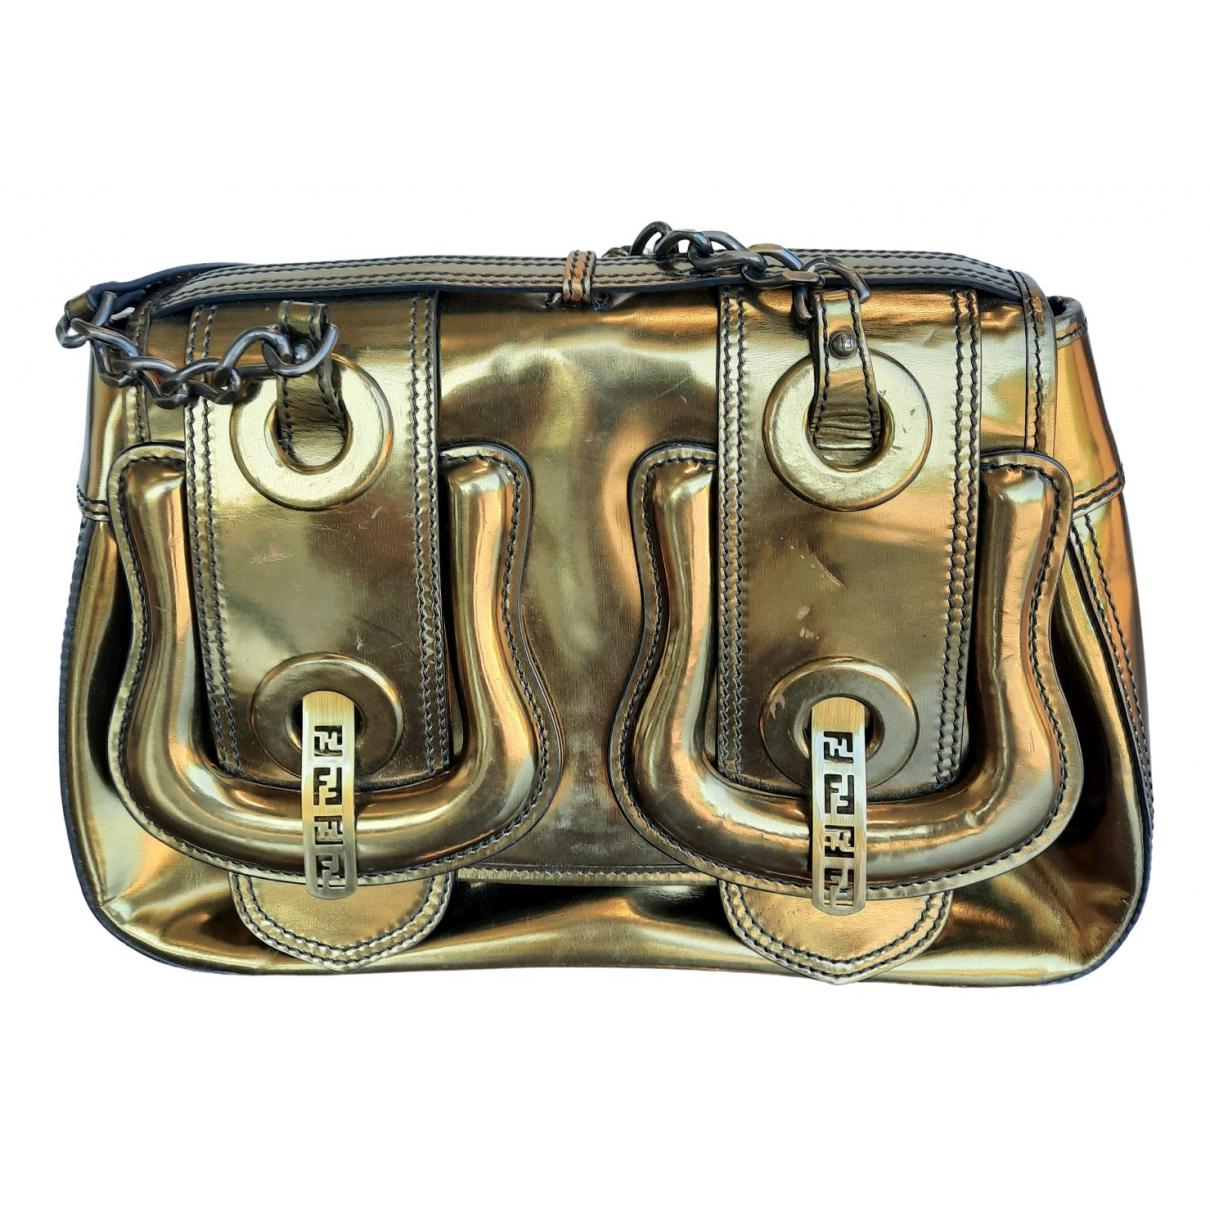 Fendi B Bag Handtasche in Lackleder